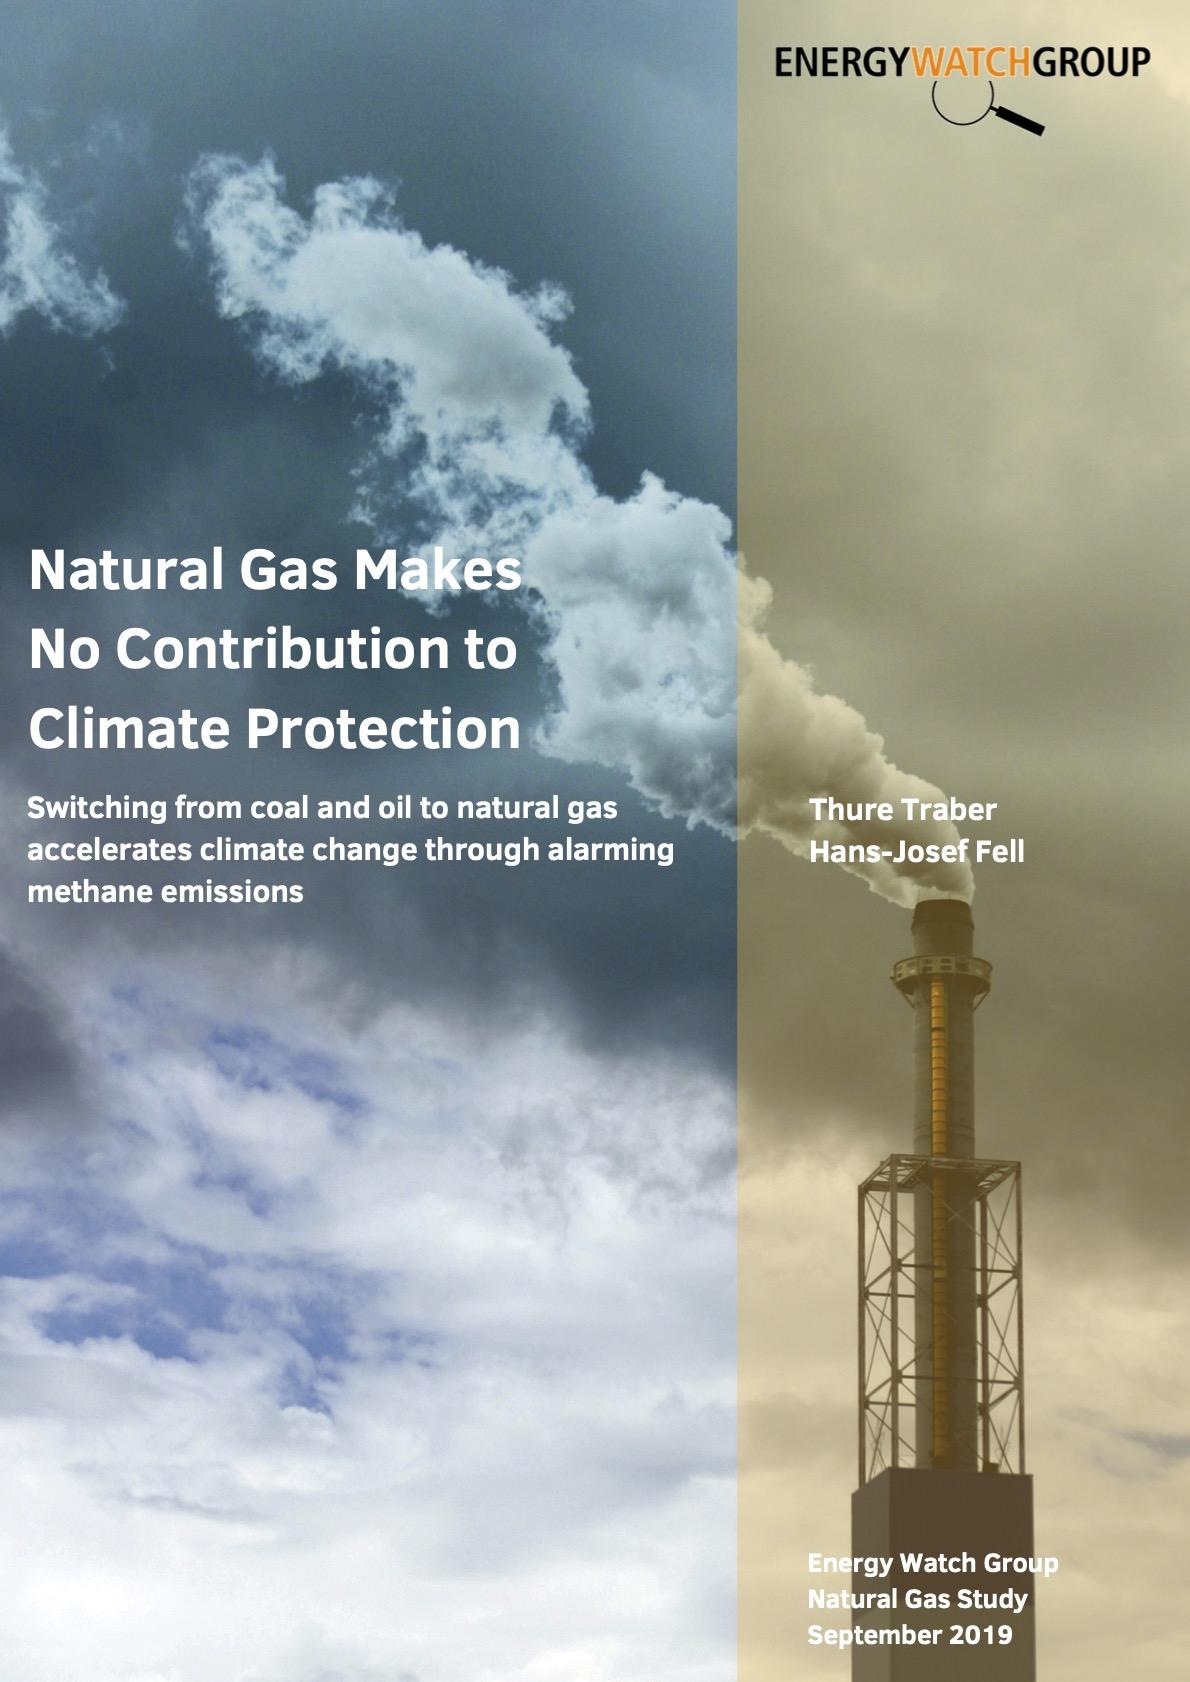 EWG_Natural_Gas_Study_September_2019